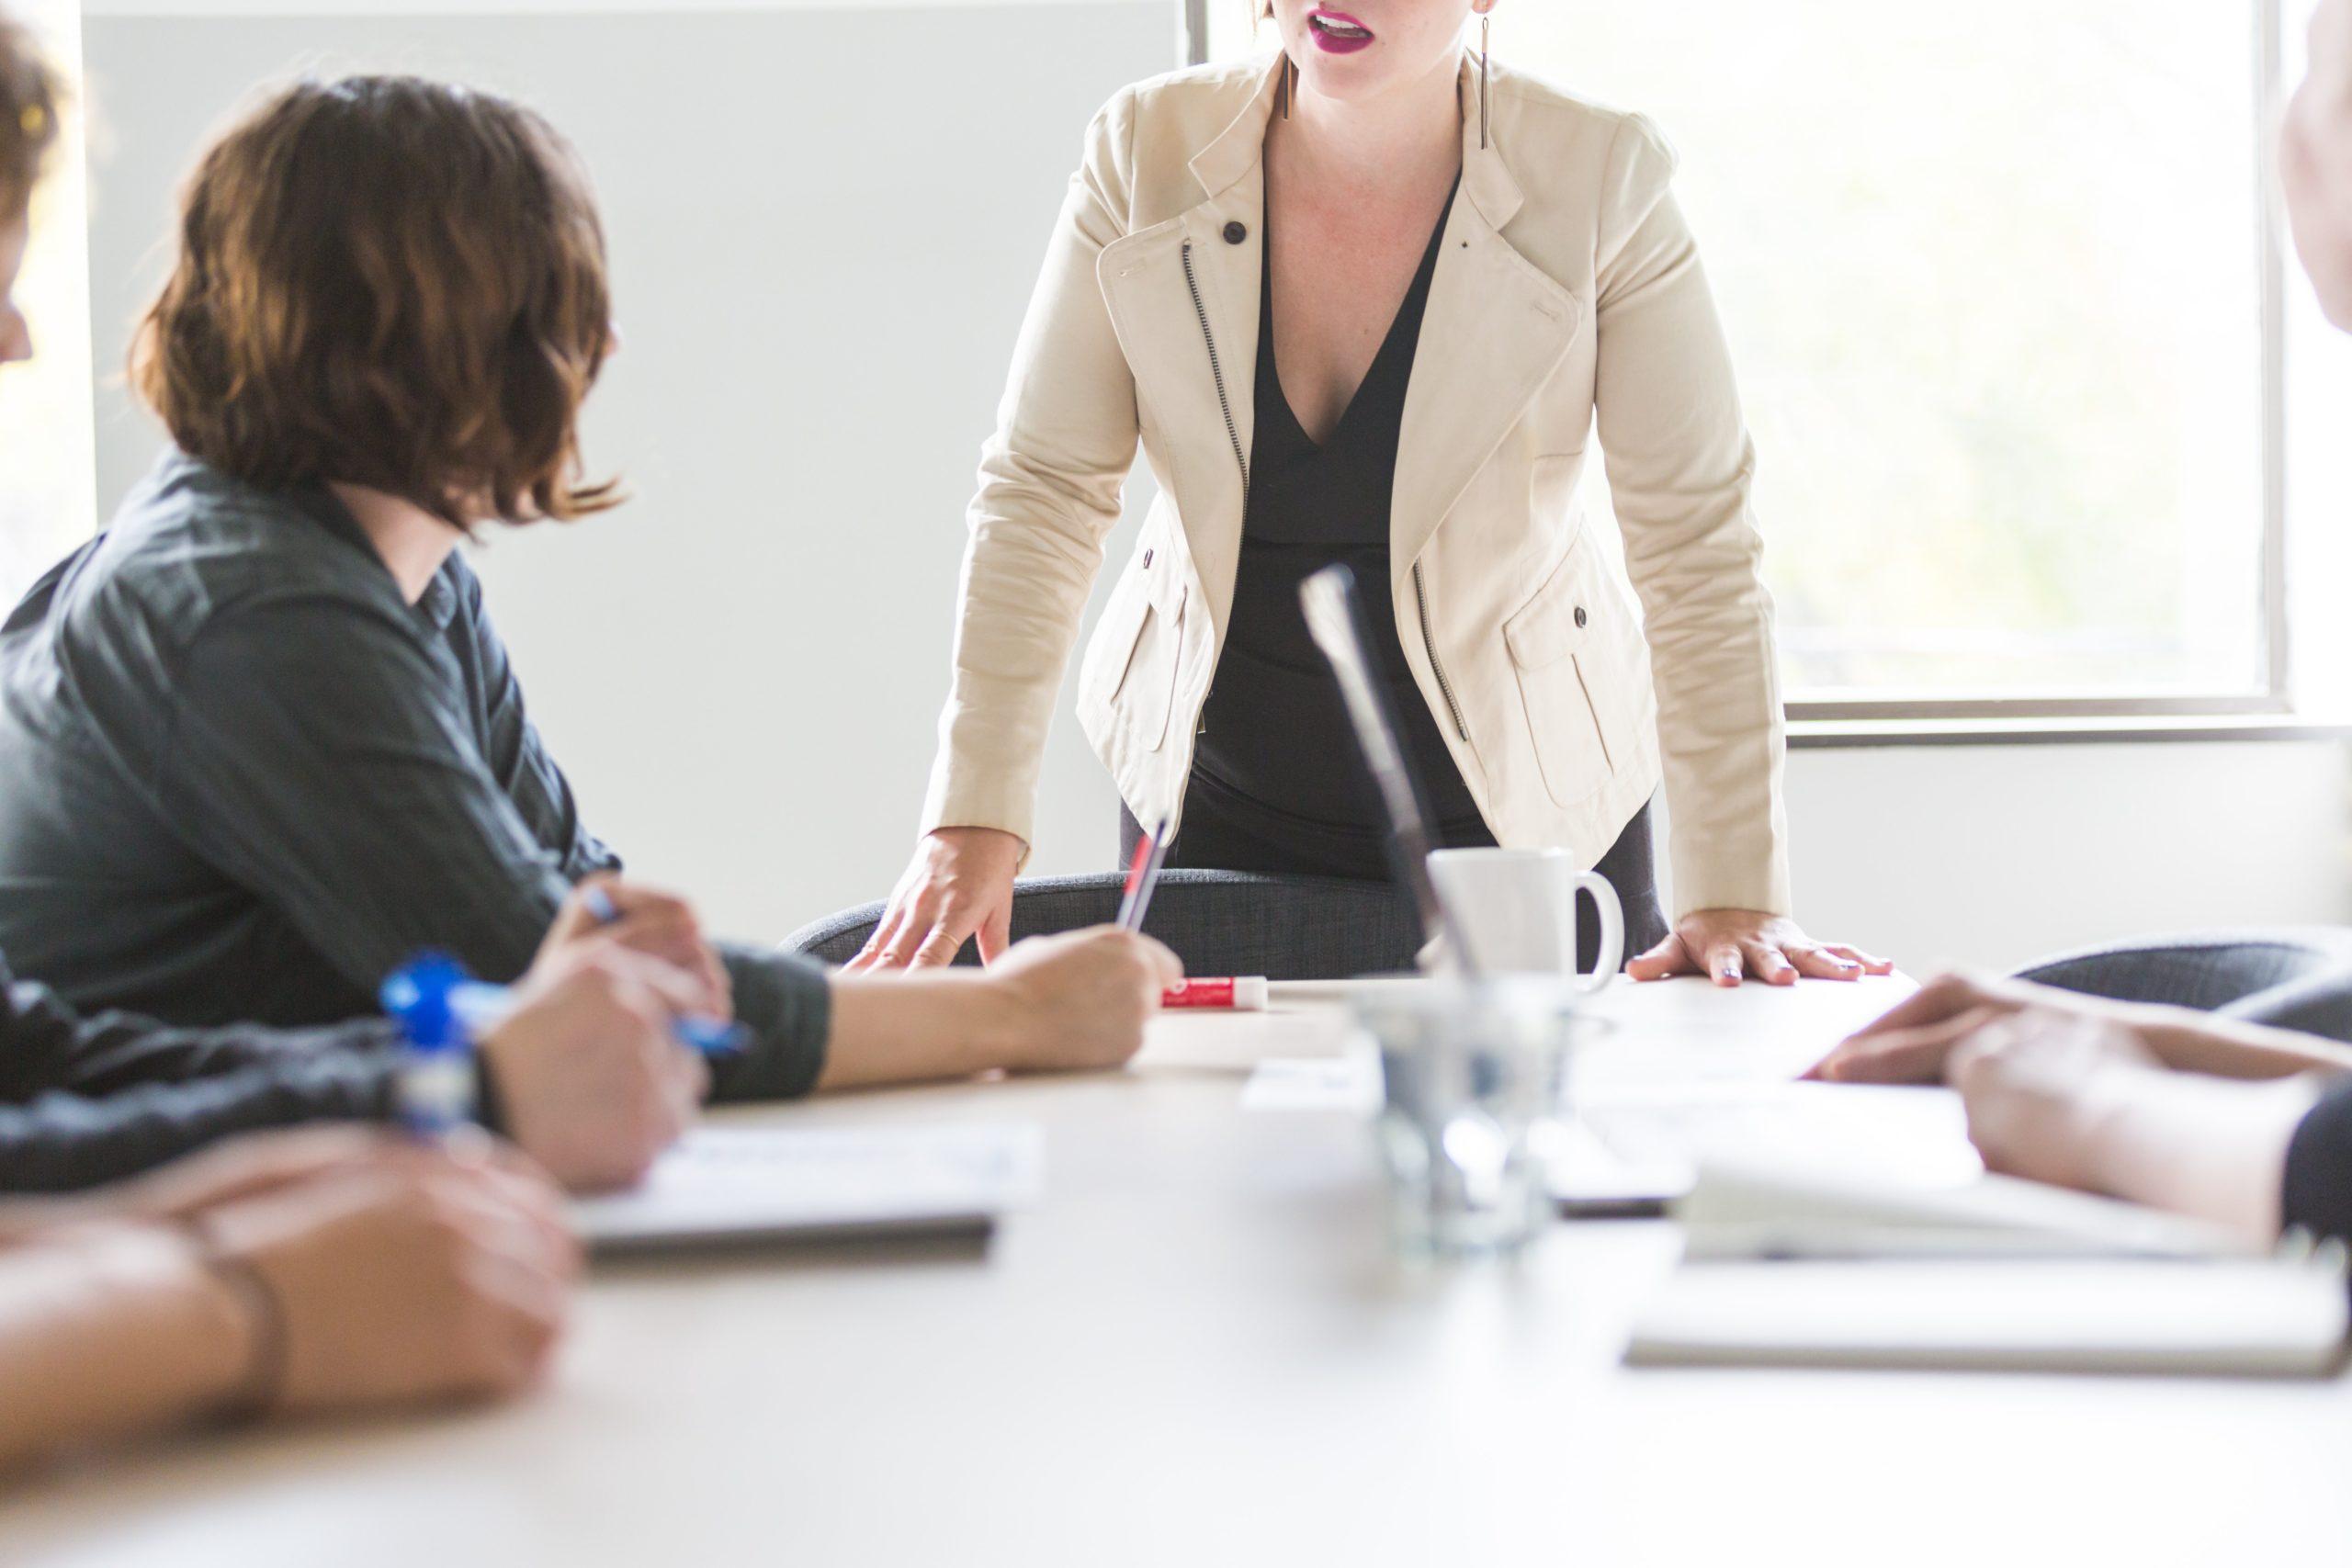 ¿Qué se debe de tomar en cuenta al momento de crear una empresa?